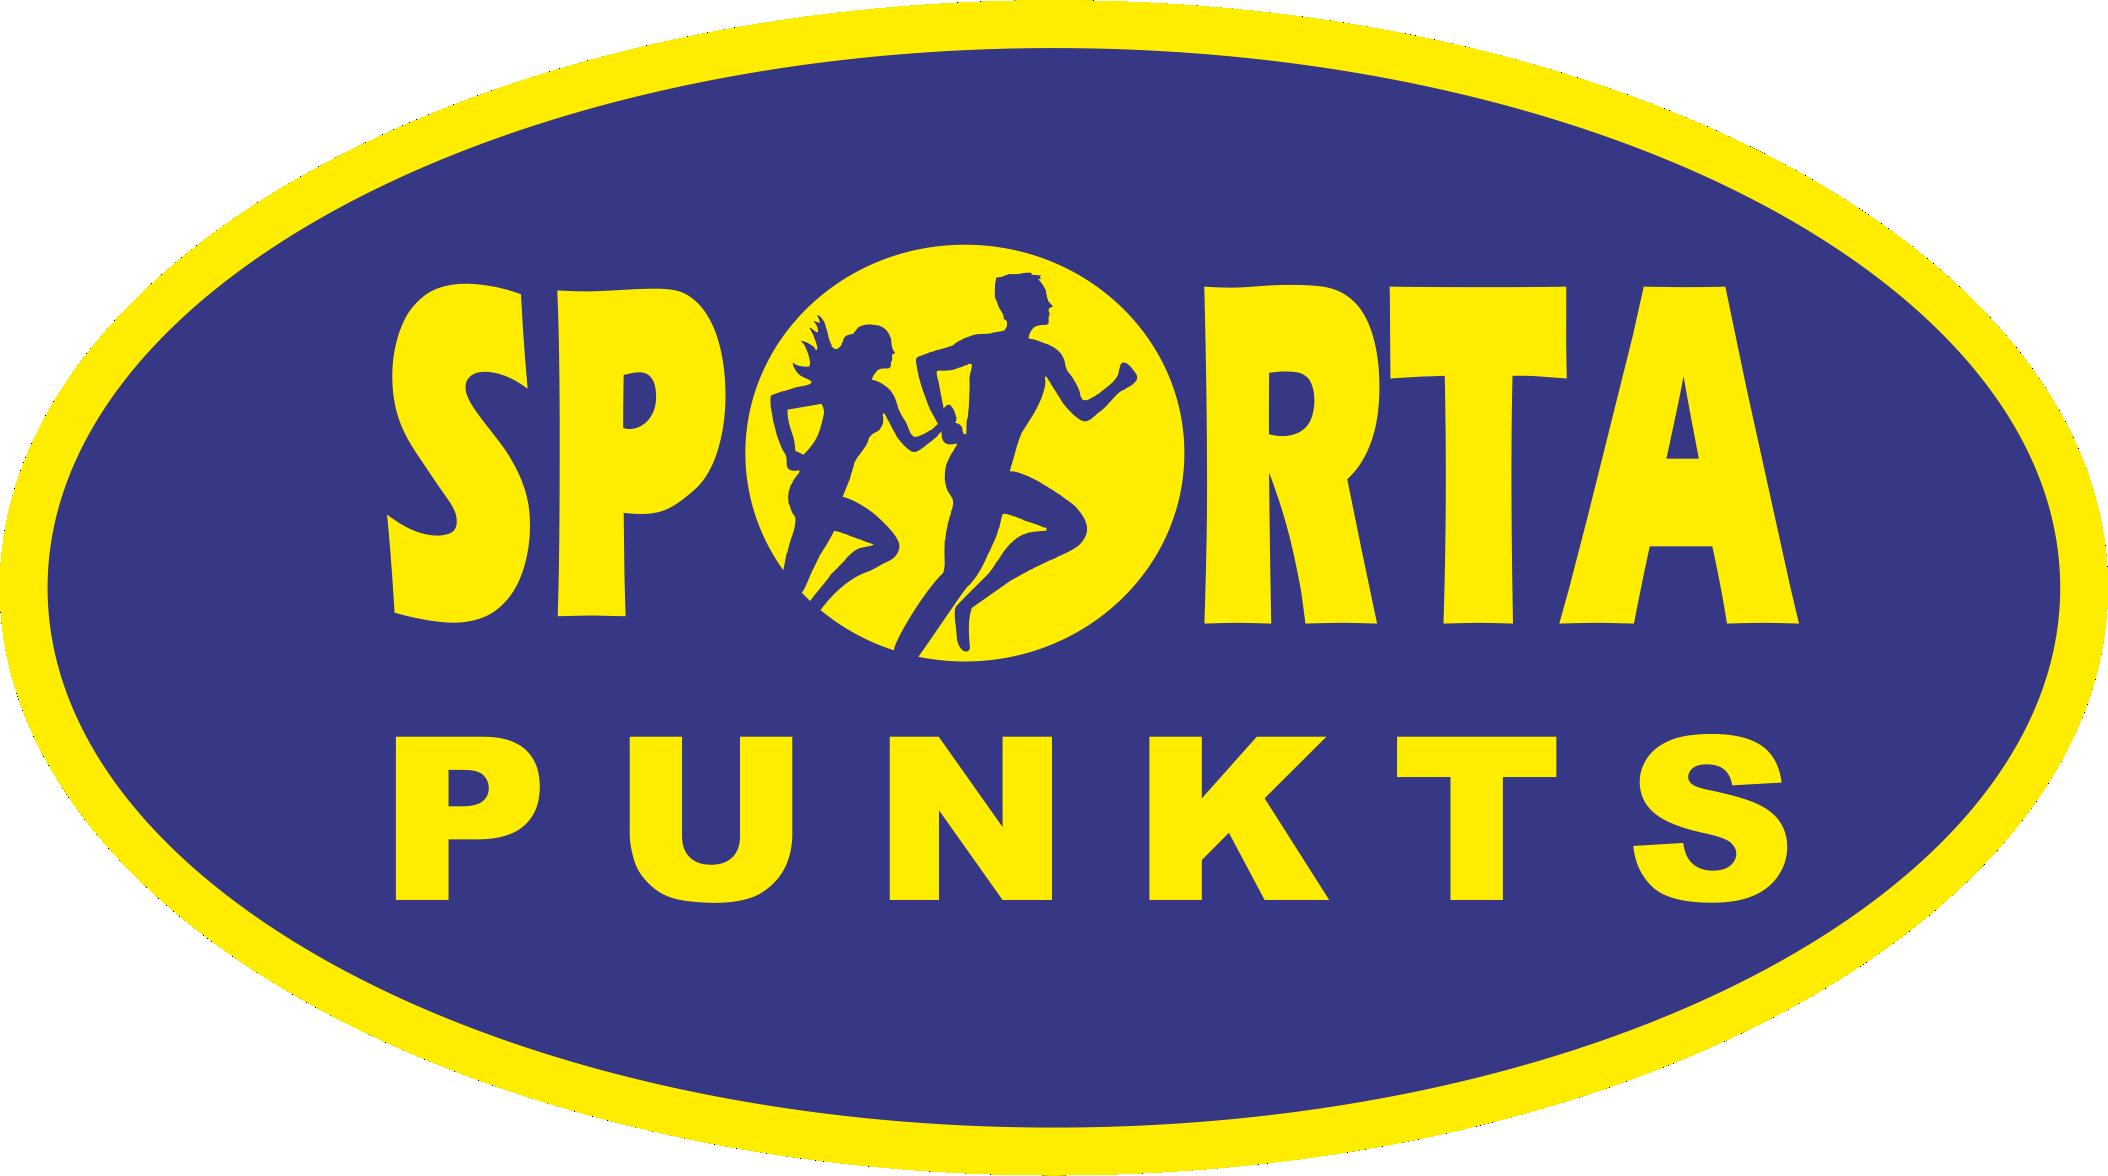 sporta-punkts-ovals